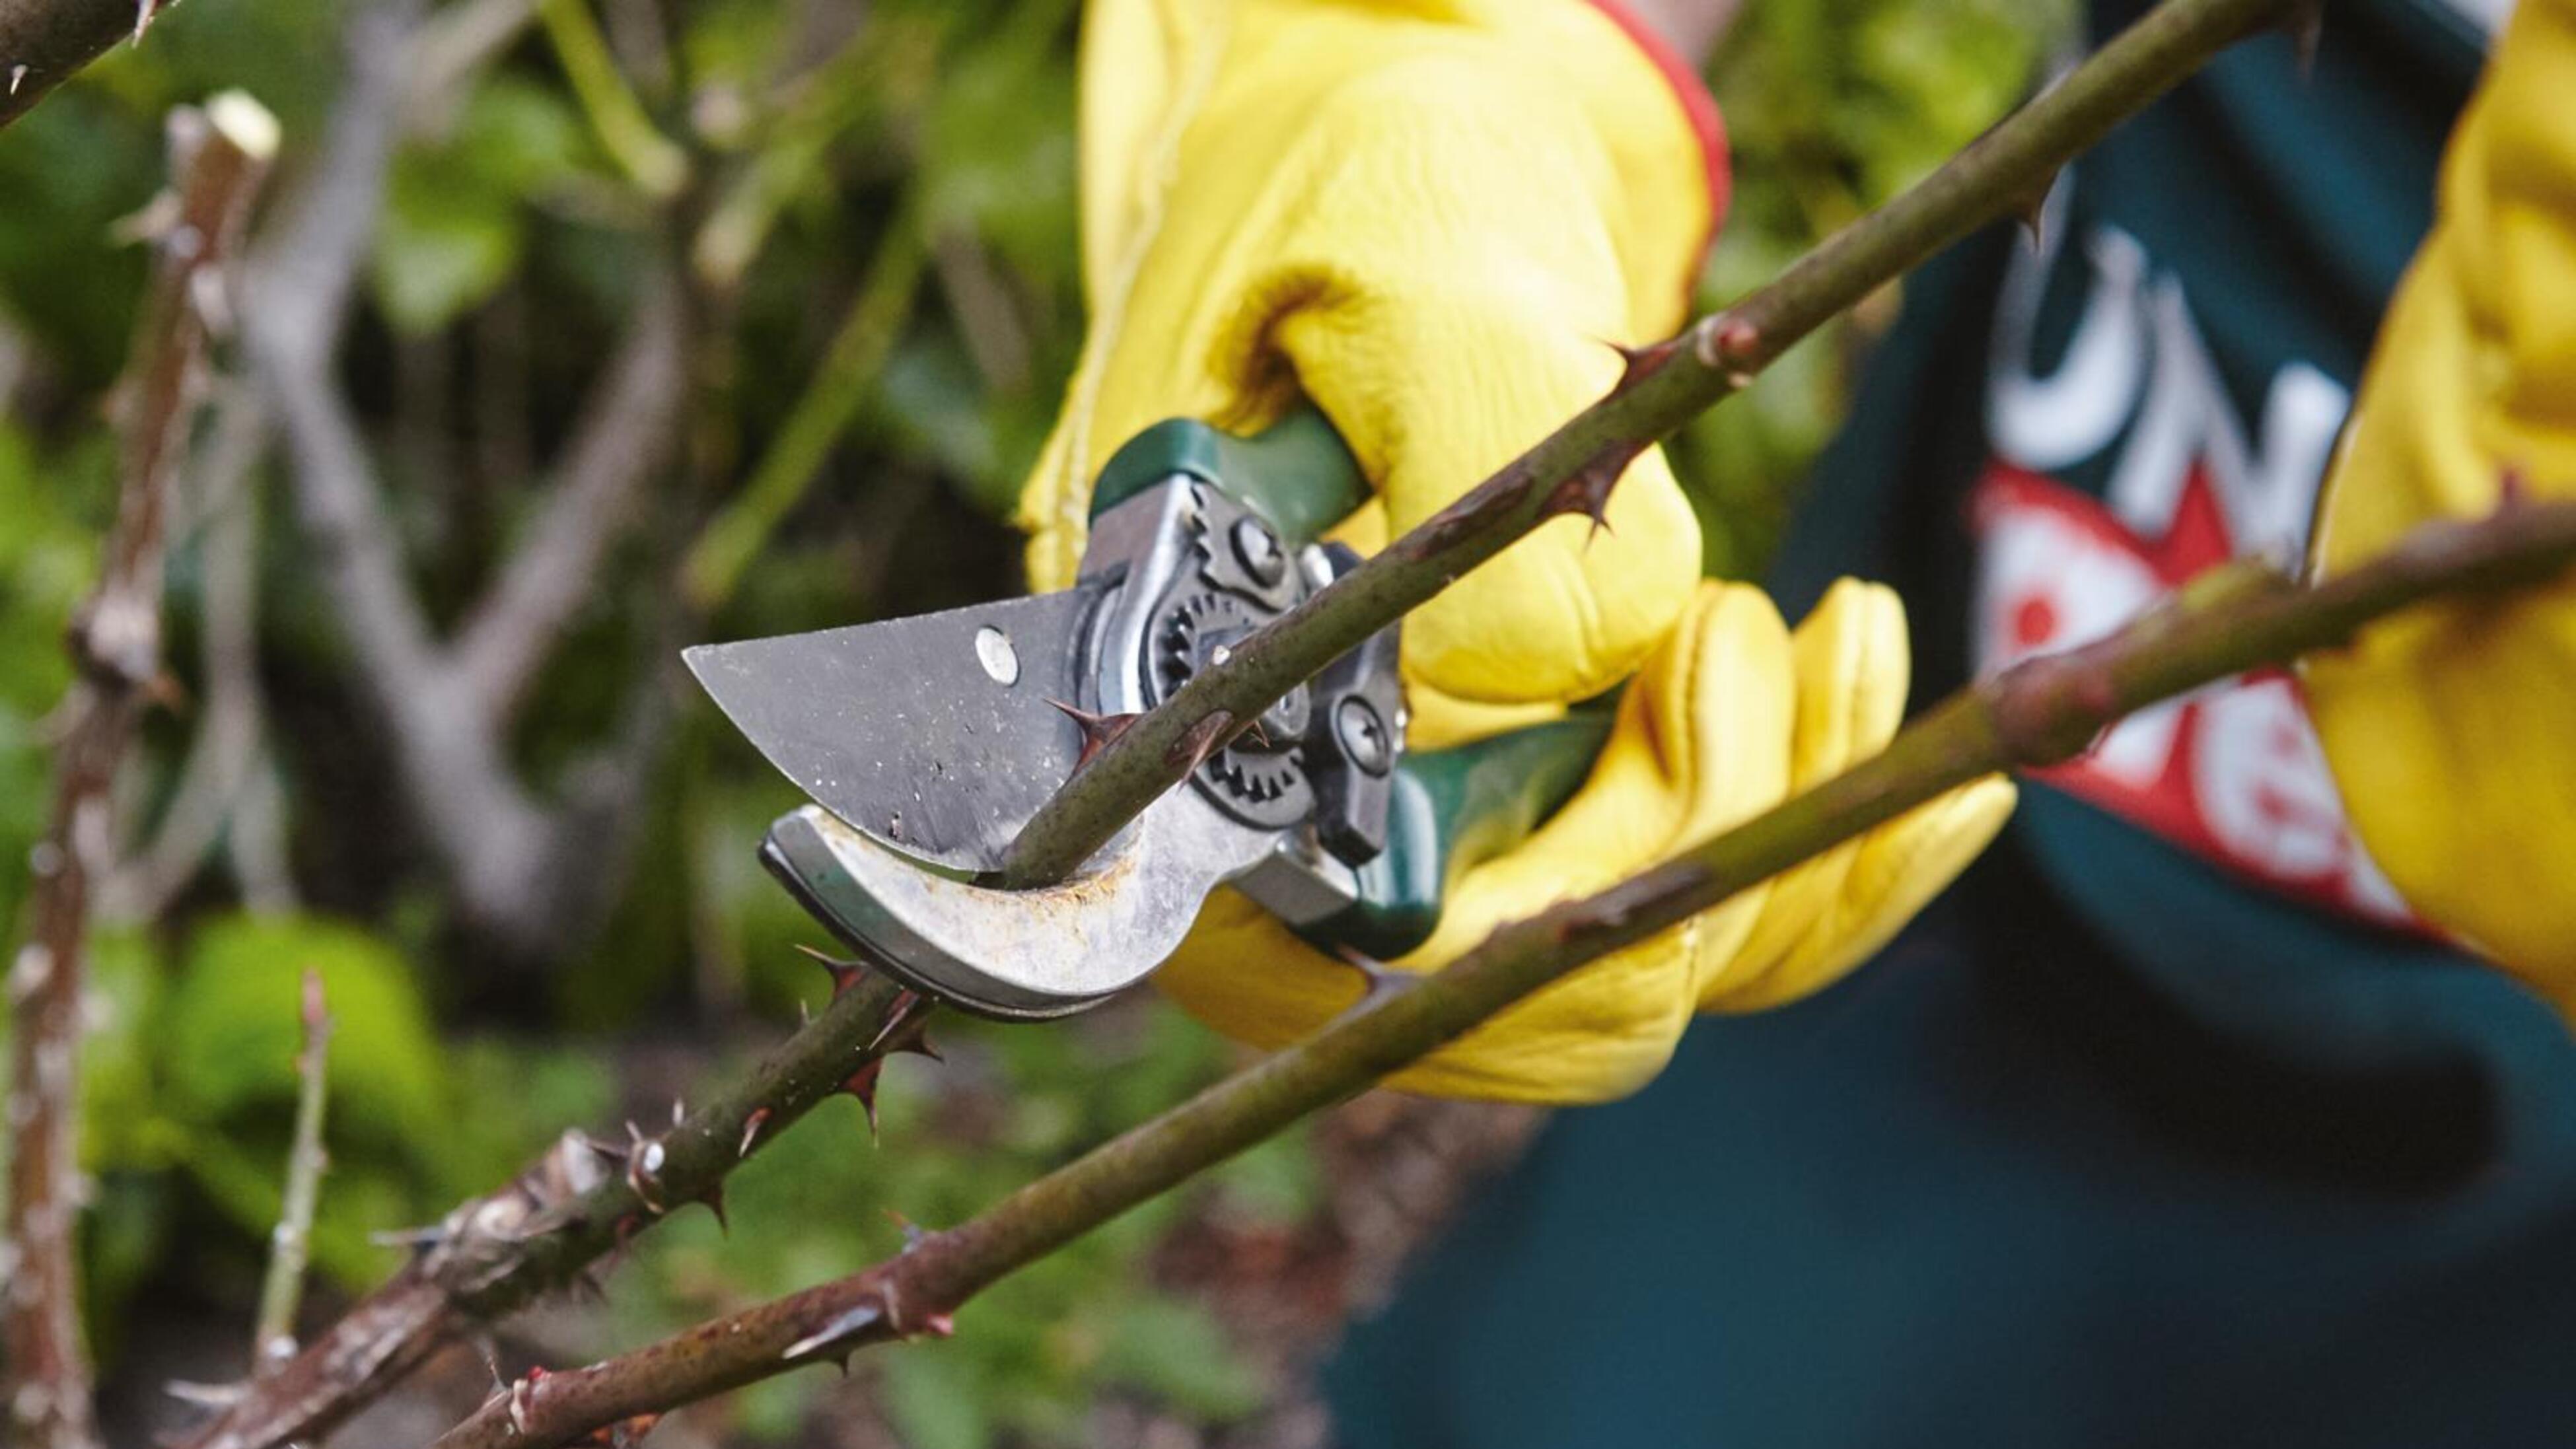 Person cutting rose stem.